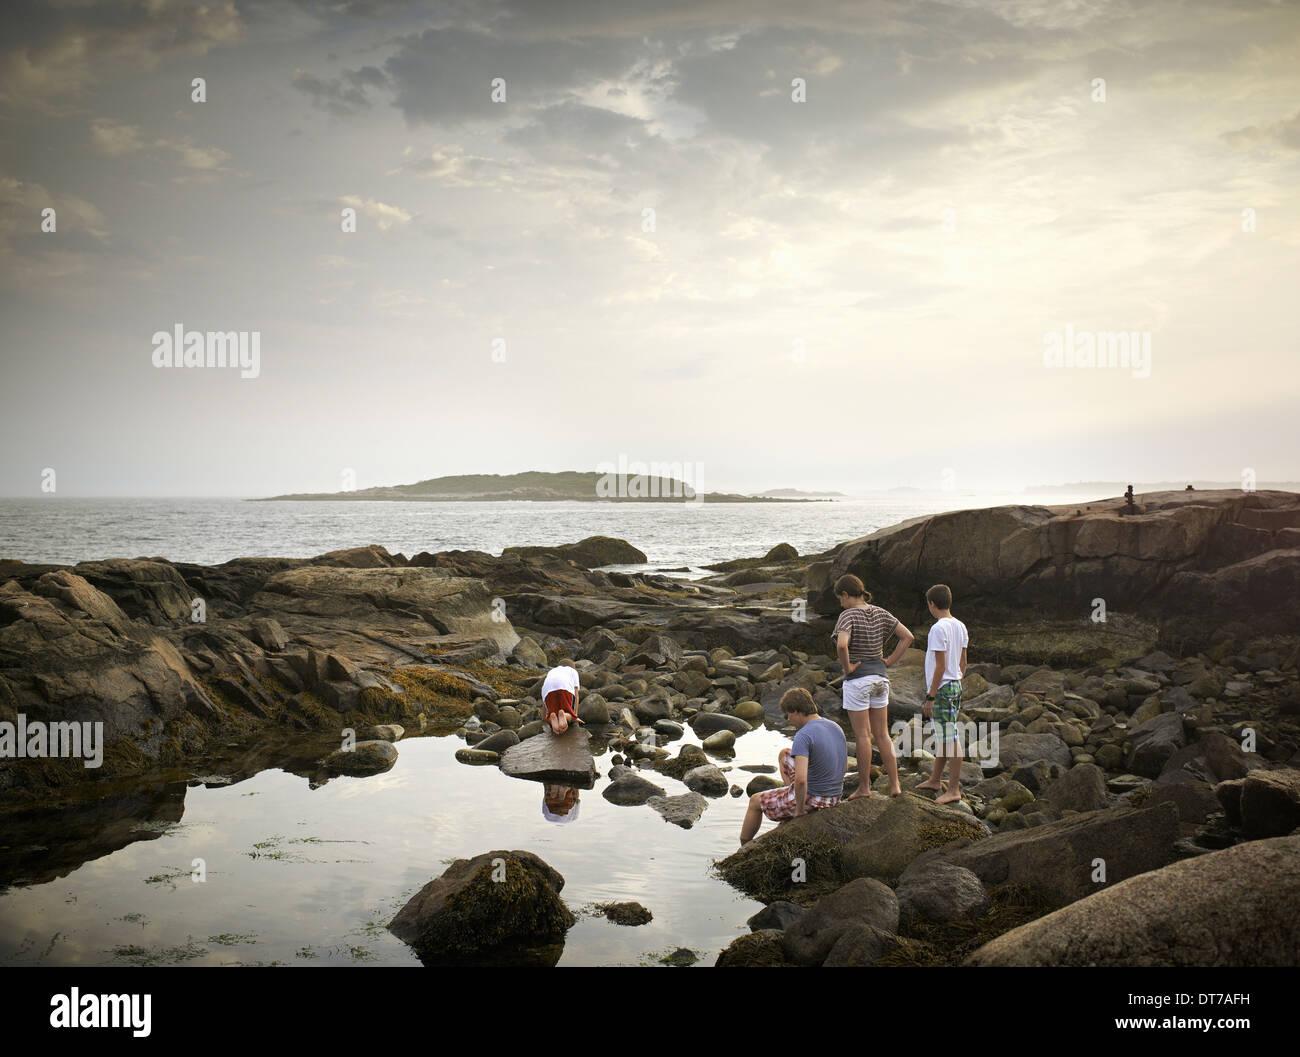 Eine Gruppe von Menschen auf dem Ufer-Felsen, Bündelung und erkunden die Unterwasserwelt Blick auf einer Insel Offshore-USA Stockbild